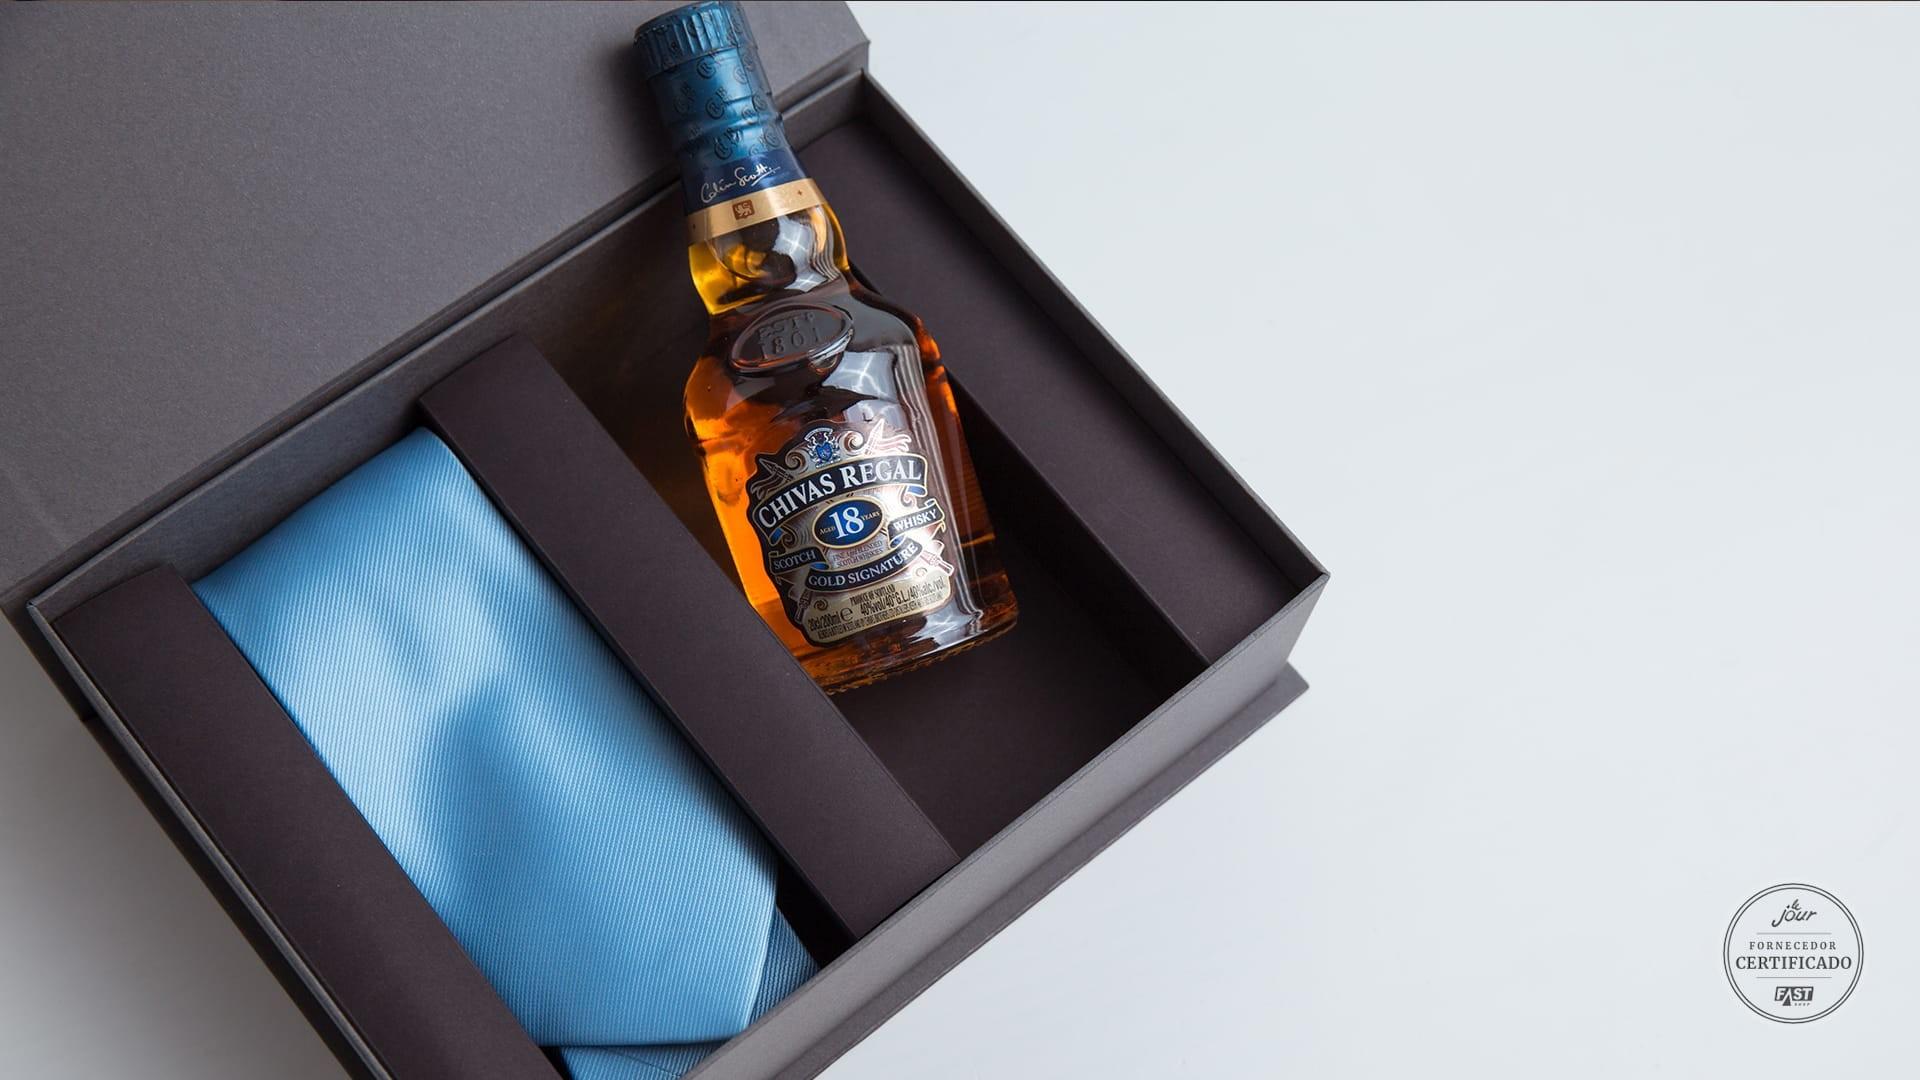 Kit de convite para padrinho com gravara e whisky Chivas 18 anos.